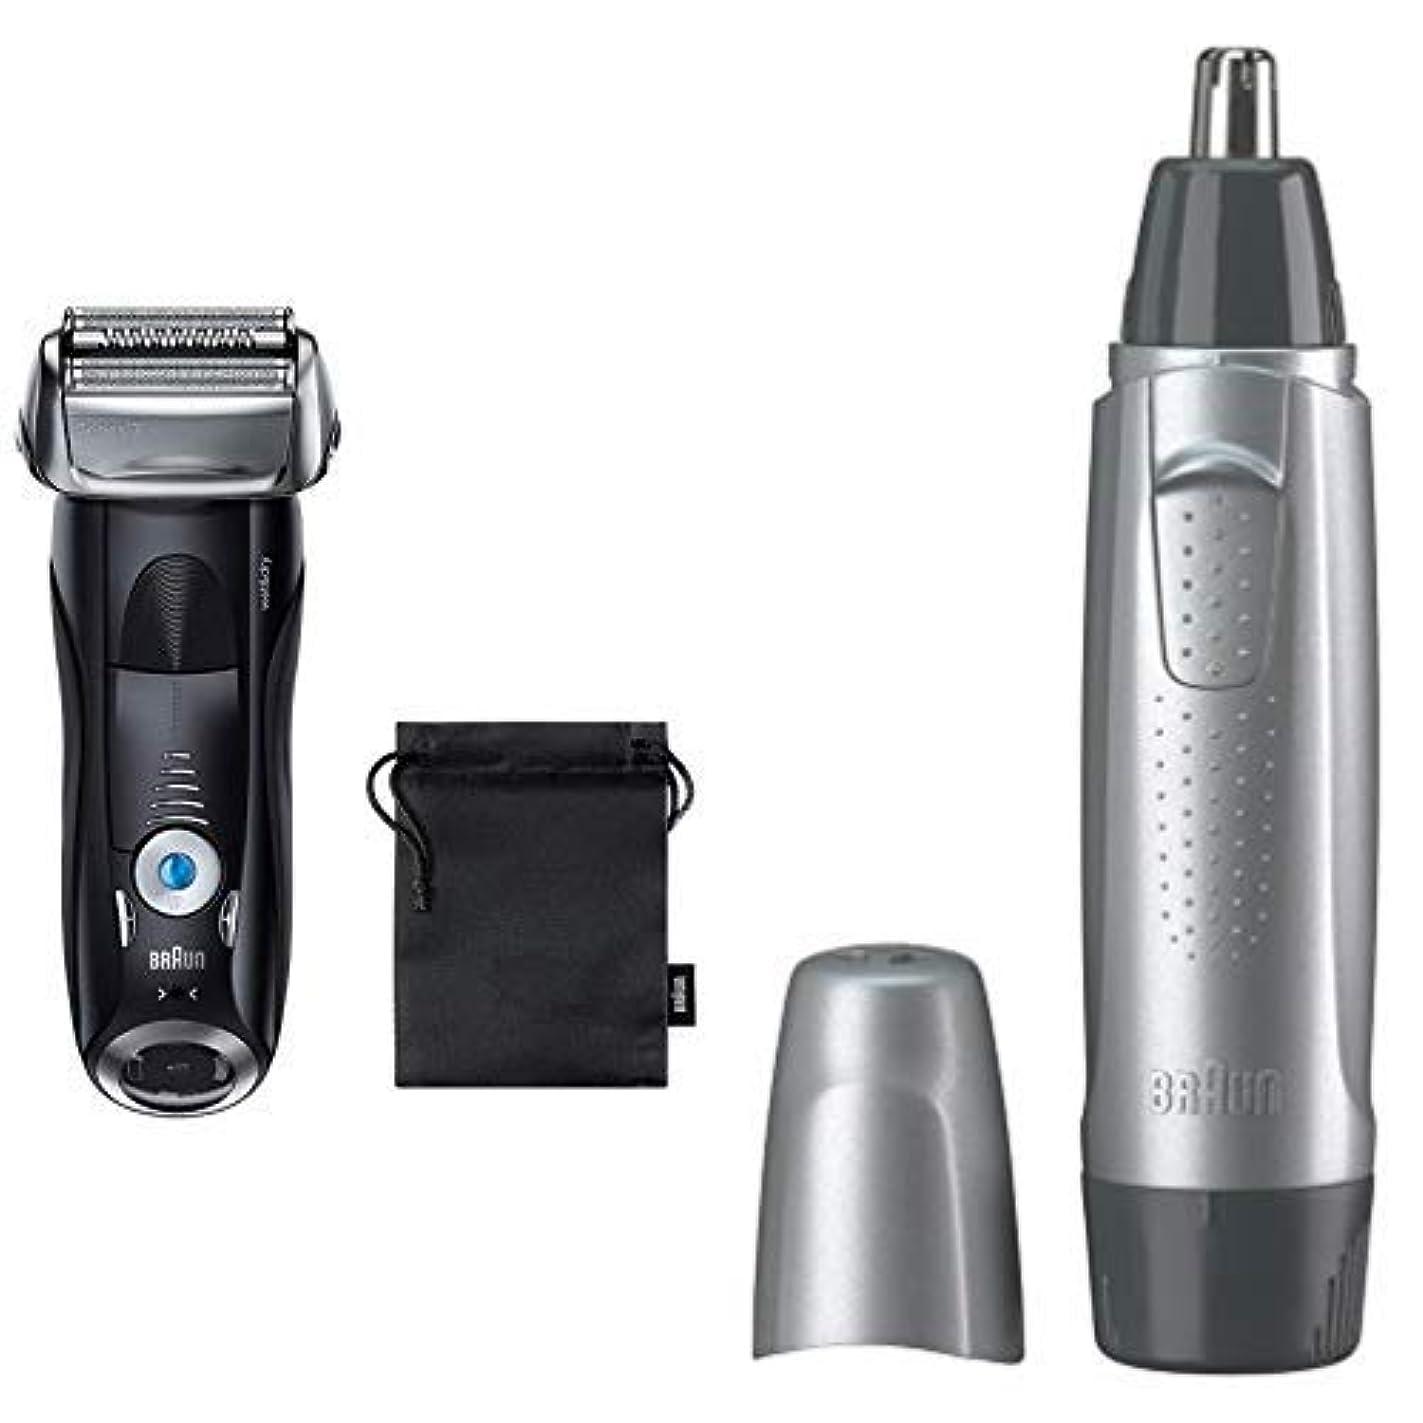 きらめくミルク親密な【セット買い】ブラウン メンズ電気シェーバー シリーズ7 7842s-P + 鼻毛カッター EN10